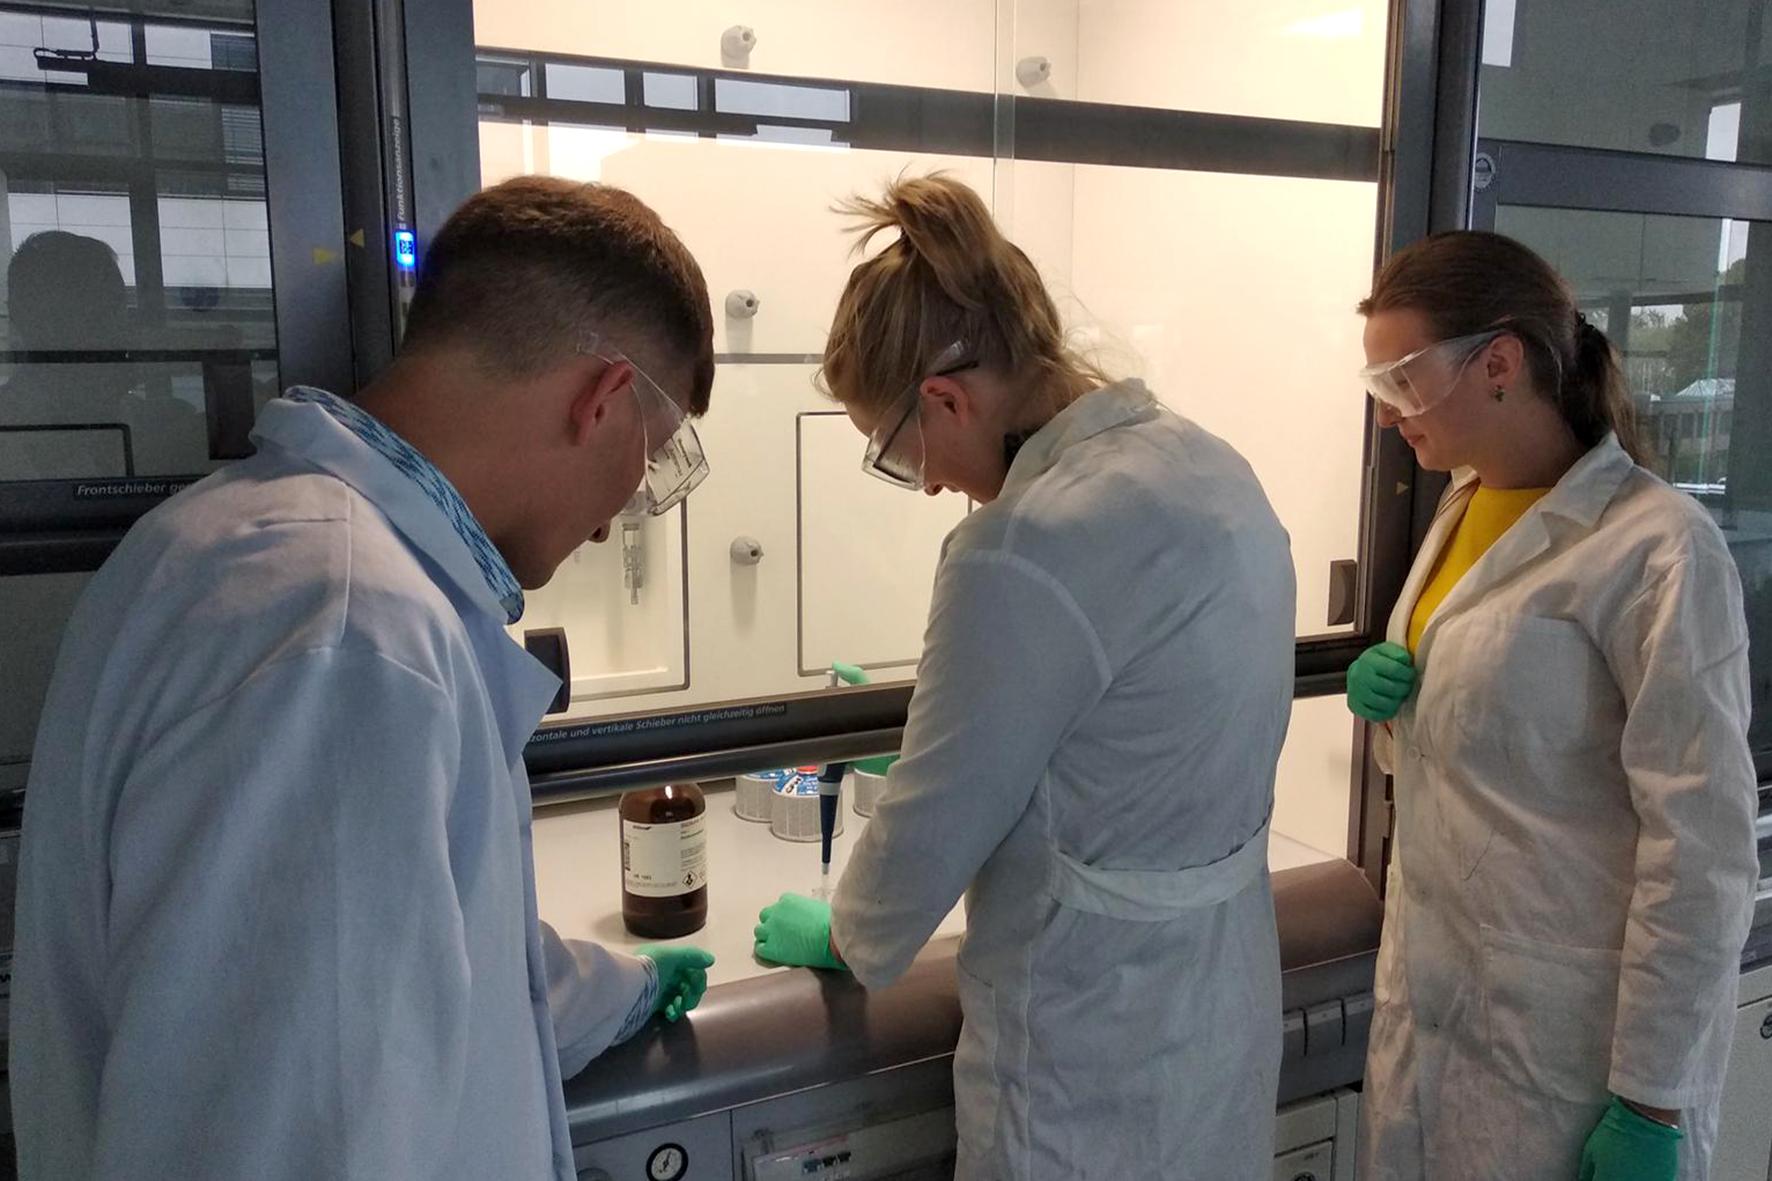 Die Mitarbeiter*innen des Projekts arbeiten in Kooperation an der Herstellung von hybriden Nanofasern zur Stärkung der Knochendichte.